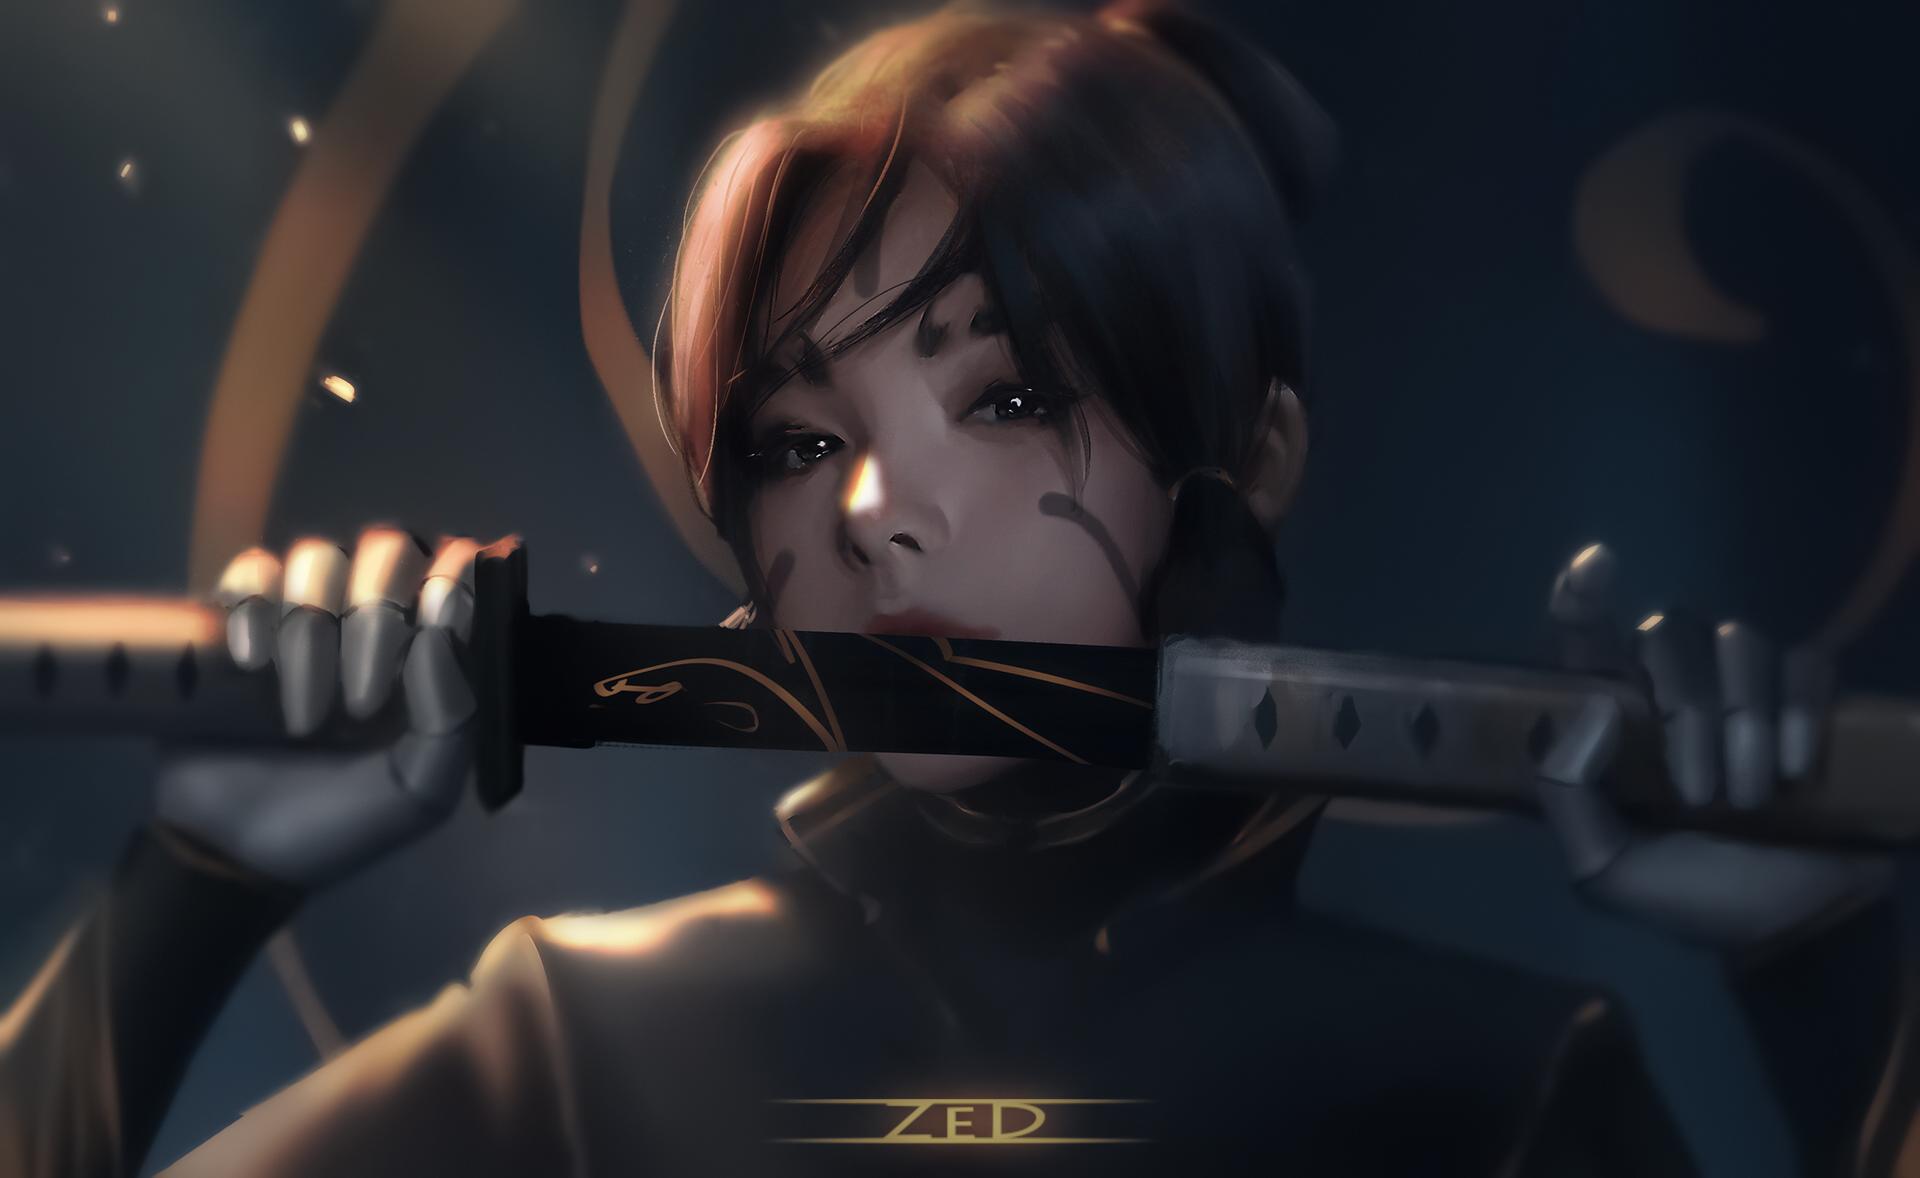 General 1920x1178 Trungbui drawing women brunette portrait dark eyes weapon sword sheath